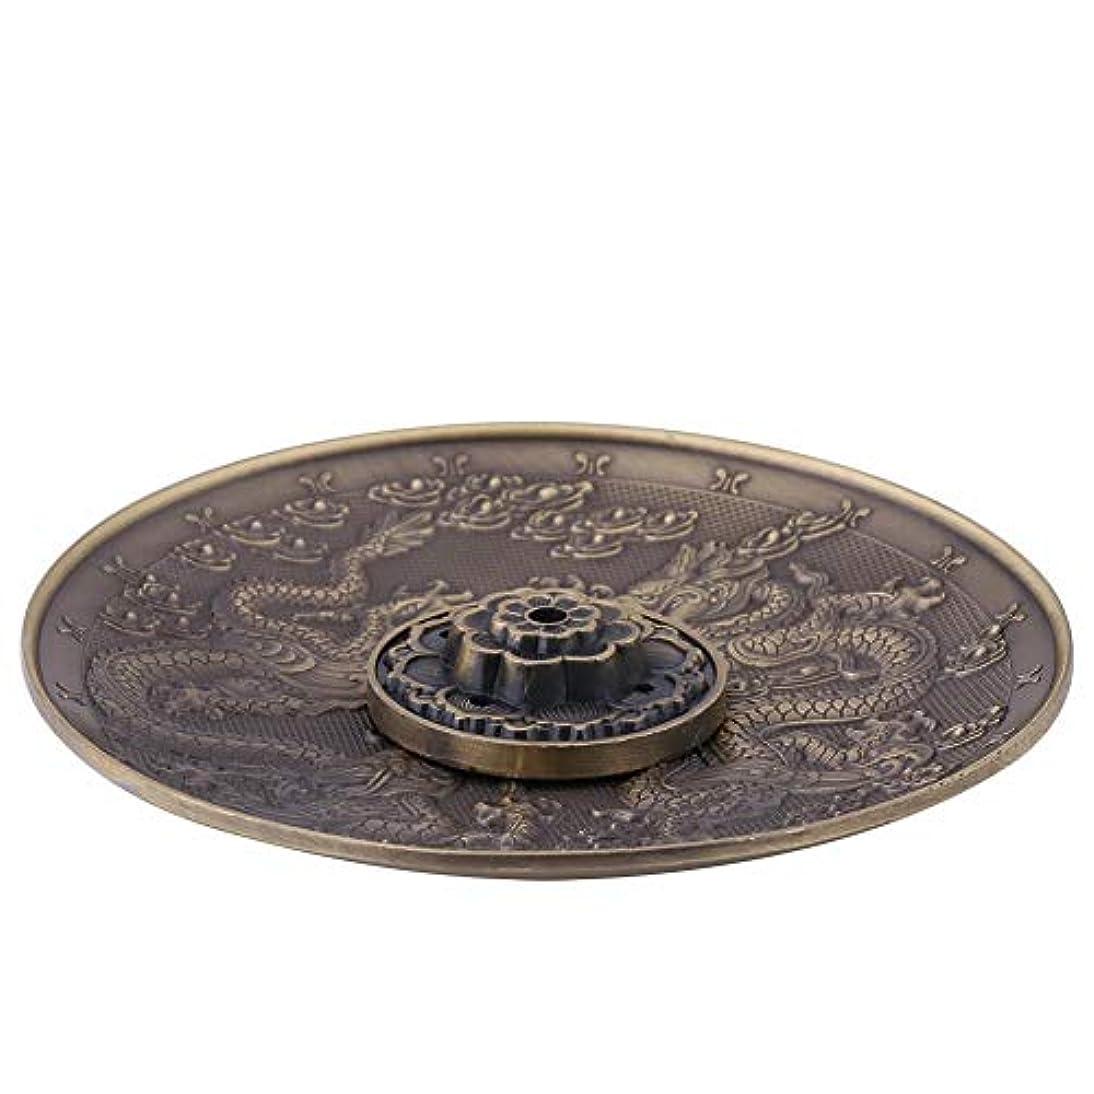 側溝ガジュマルうねる金属バーナーホルダー5穴亜鉛合金の香りバーナーホルダー 寝室の寺院の装飾 ドラゴンパターンの香炉プレート(#2)